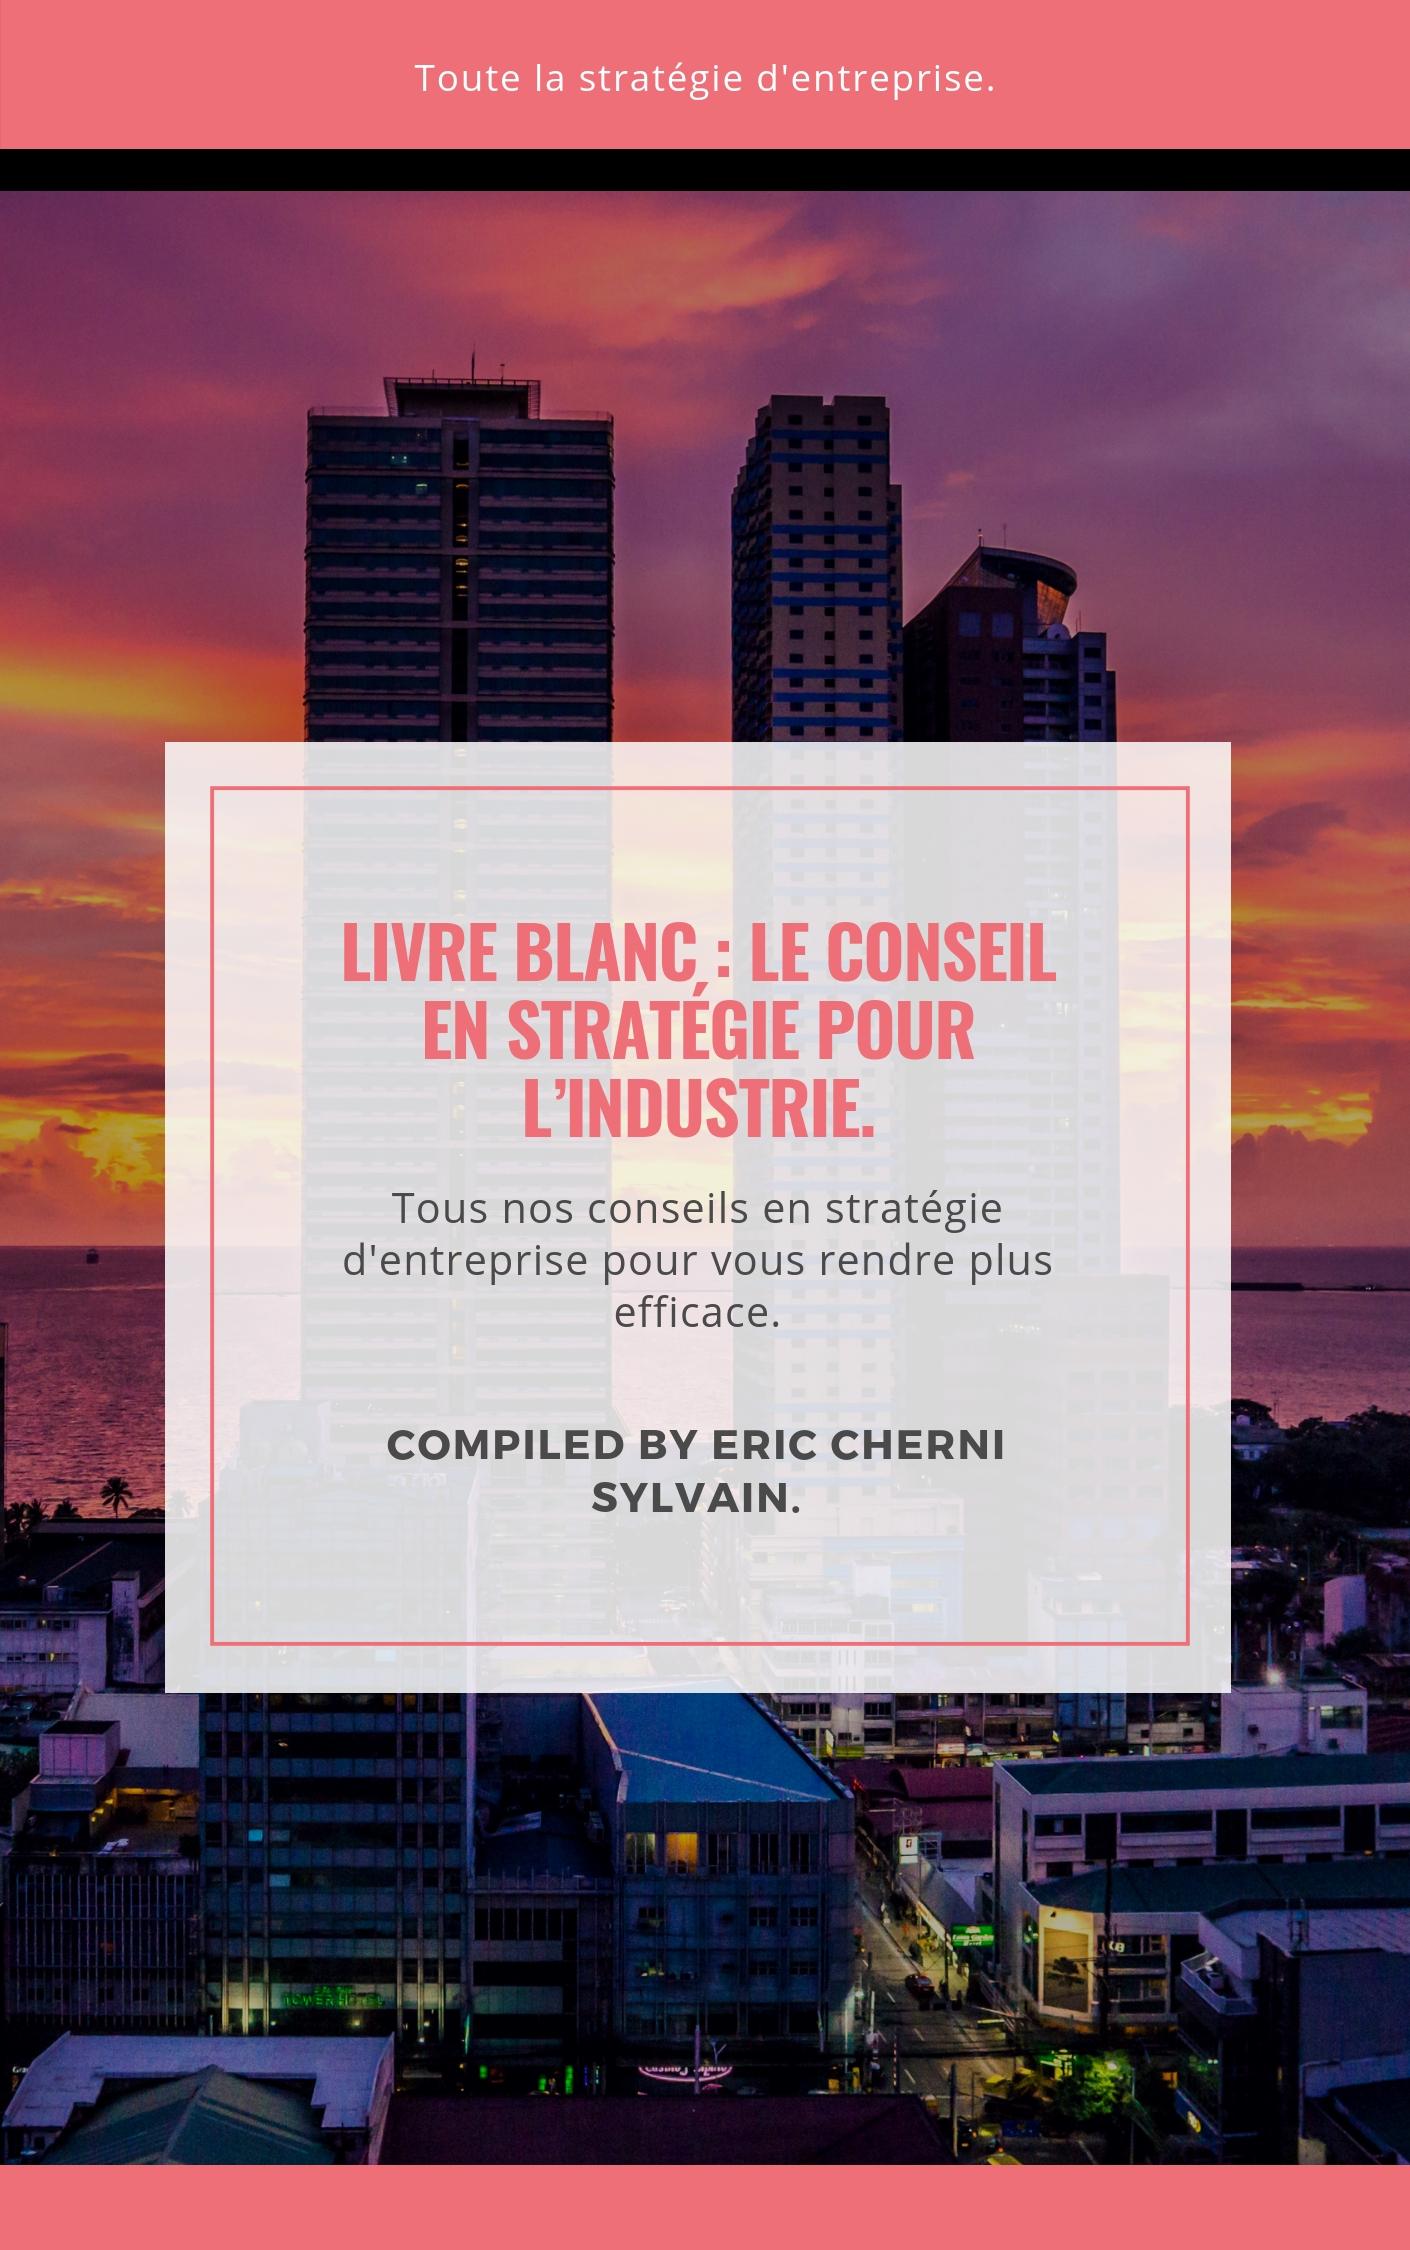 Livre Blanc, Conseil en stratégie pour l'industrie.